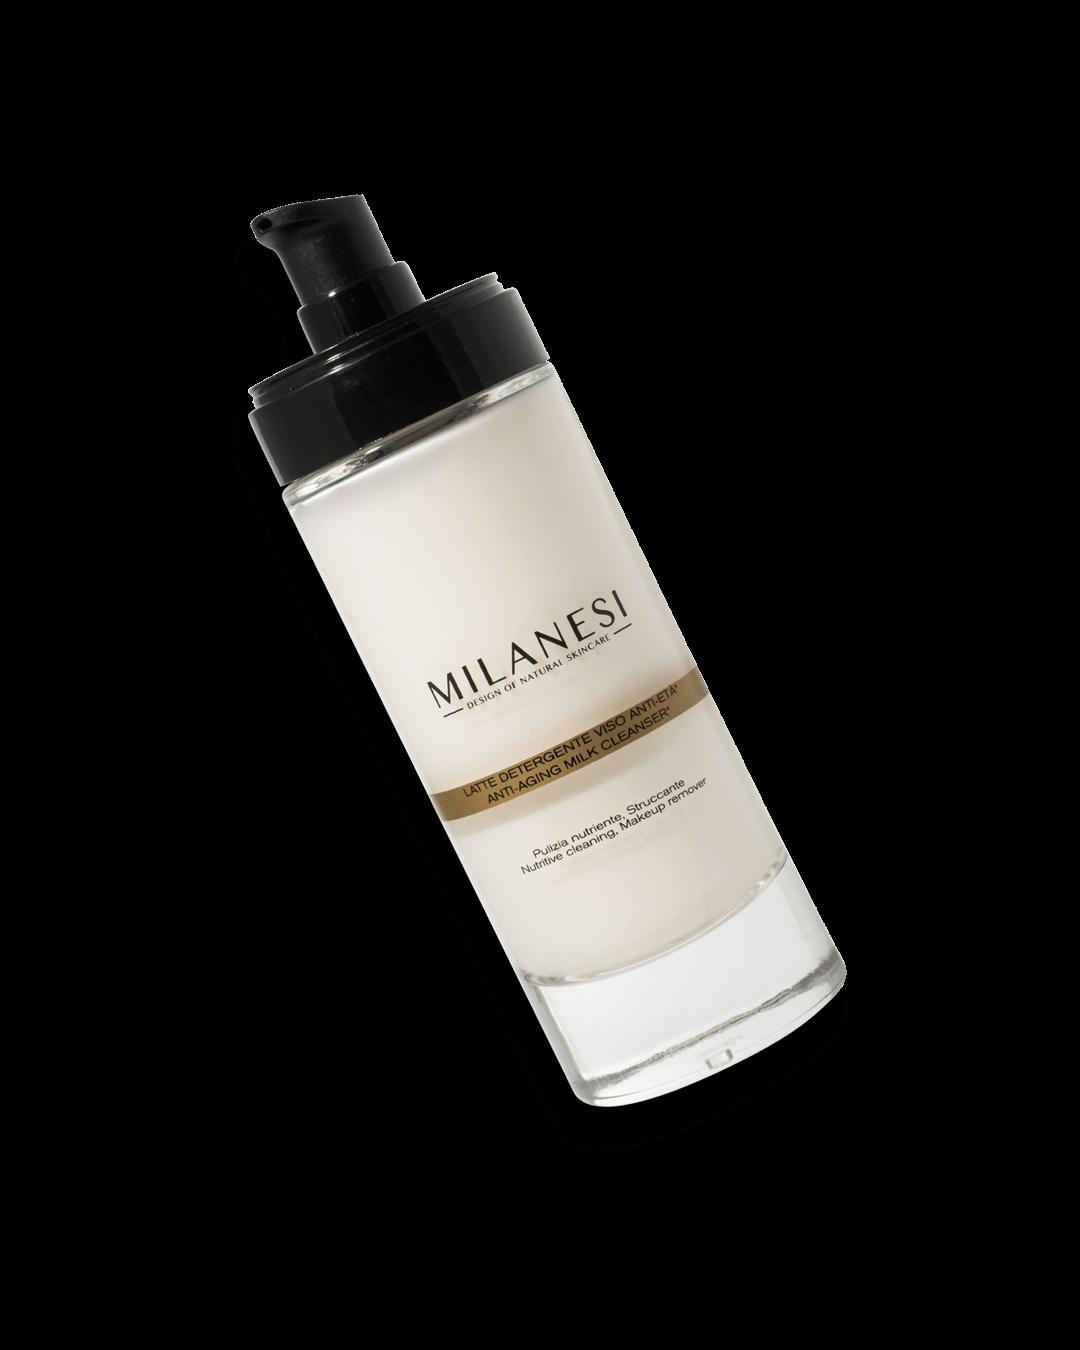 Montenapoleone Anti-aging milk cleanser